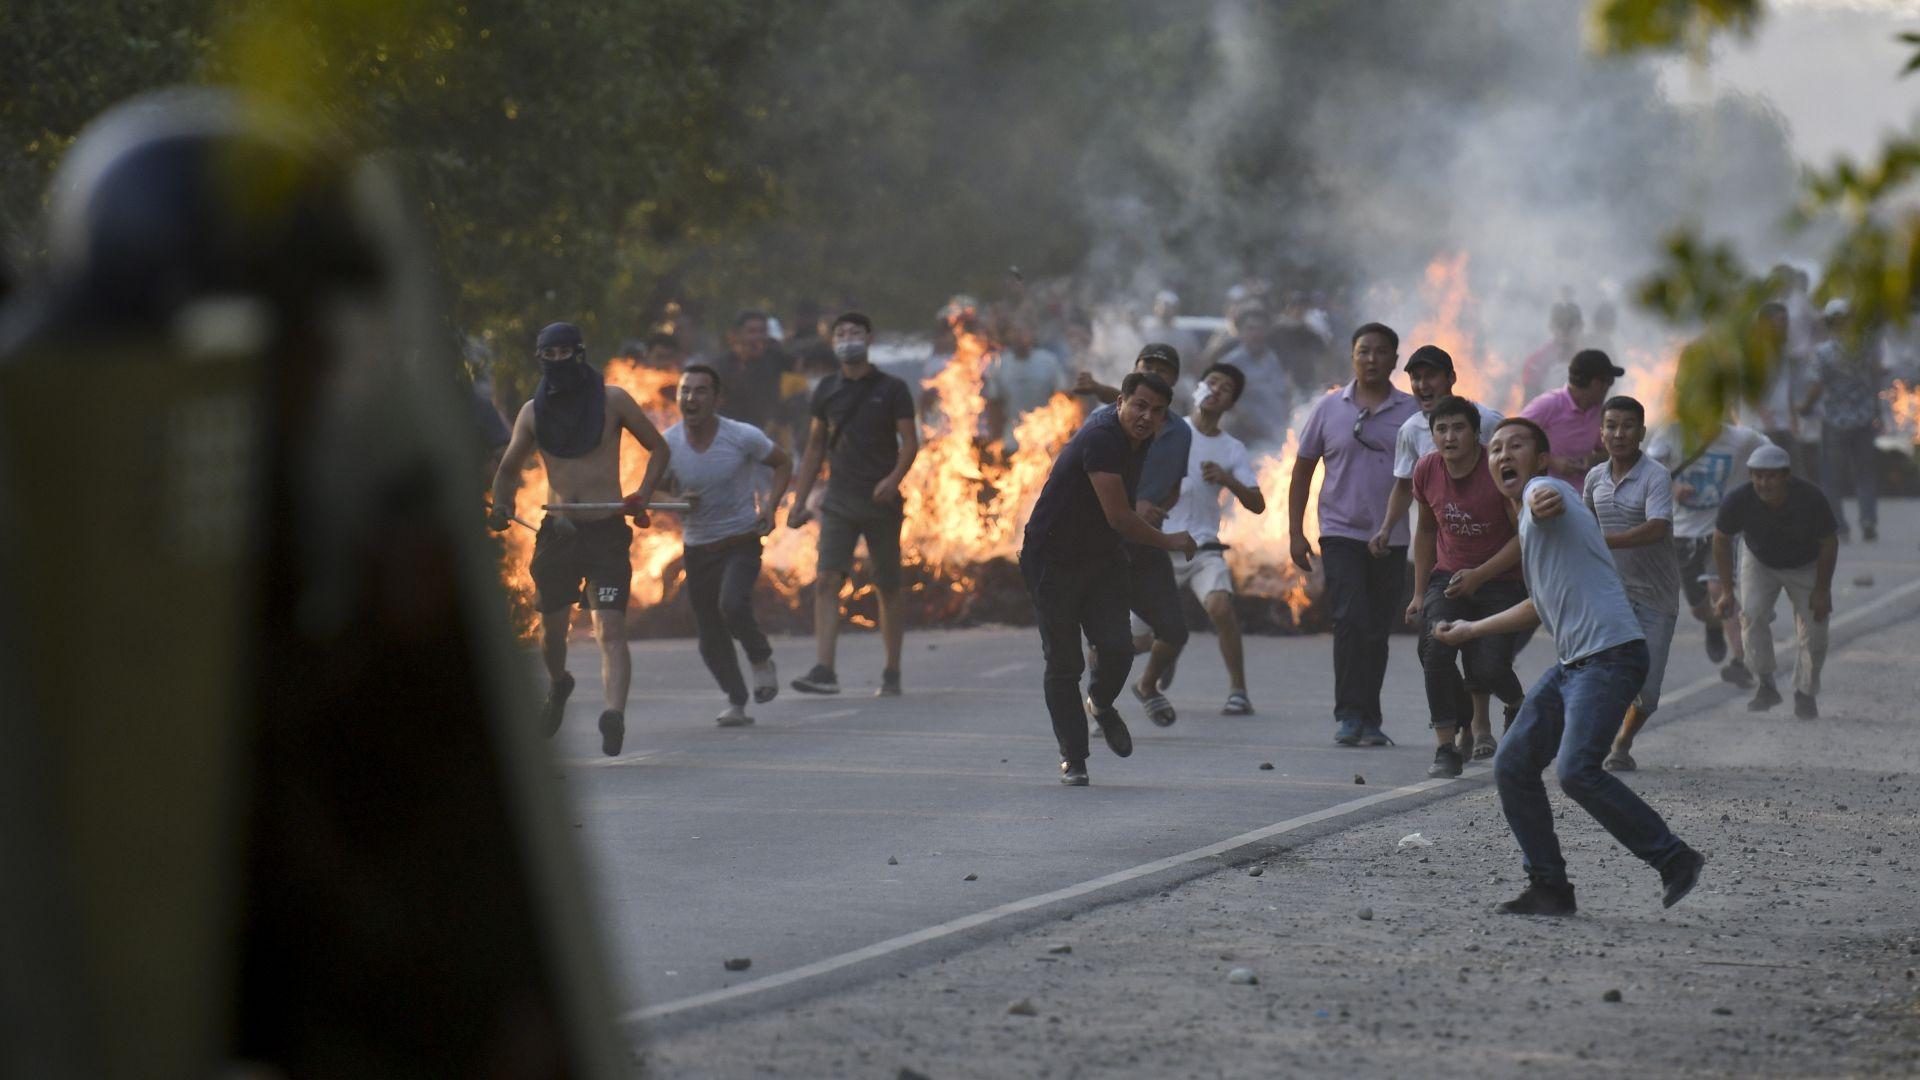 Привърженици на бившия президент Алмазбек Атамбаев хвърлят камъни, докато се бият с полицията за безредици в близост до резиденцията на Атамбаев в село Кой-Таш